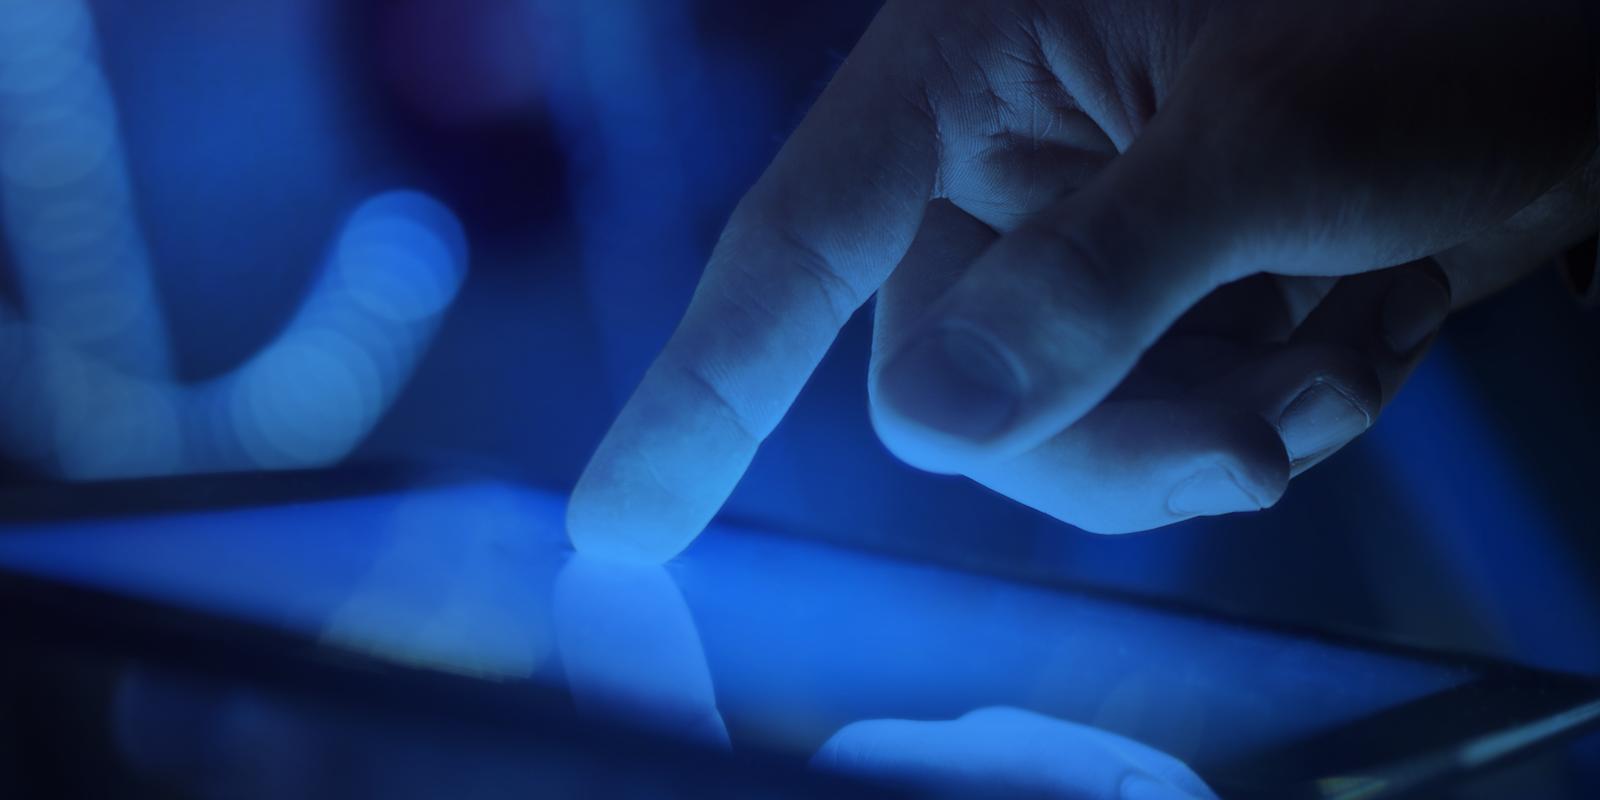 Ánh sáng xanh phát ra bởi màn hình các thiết bị điện tử có thể thay đổi quá trình sinh ra melatonin